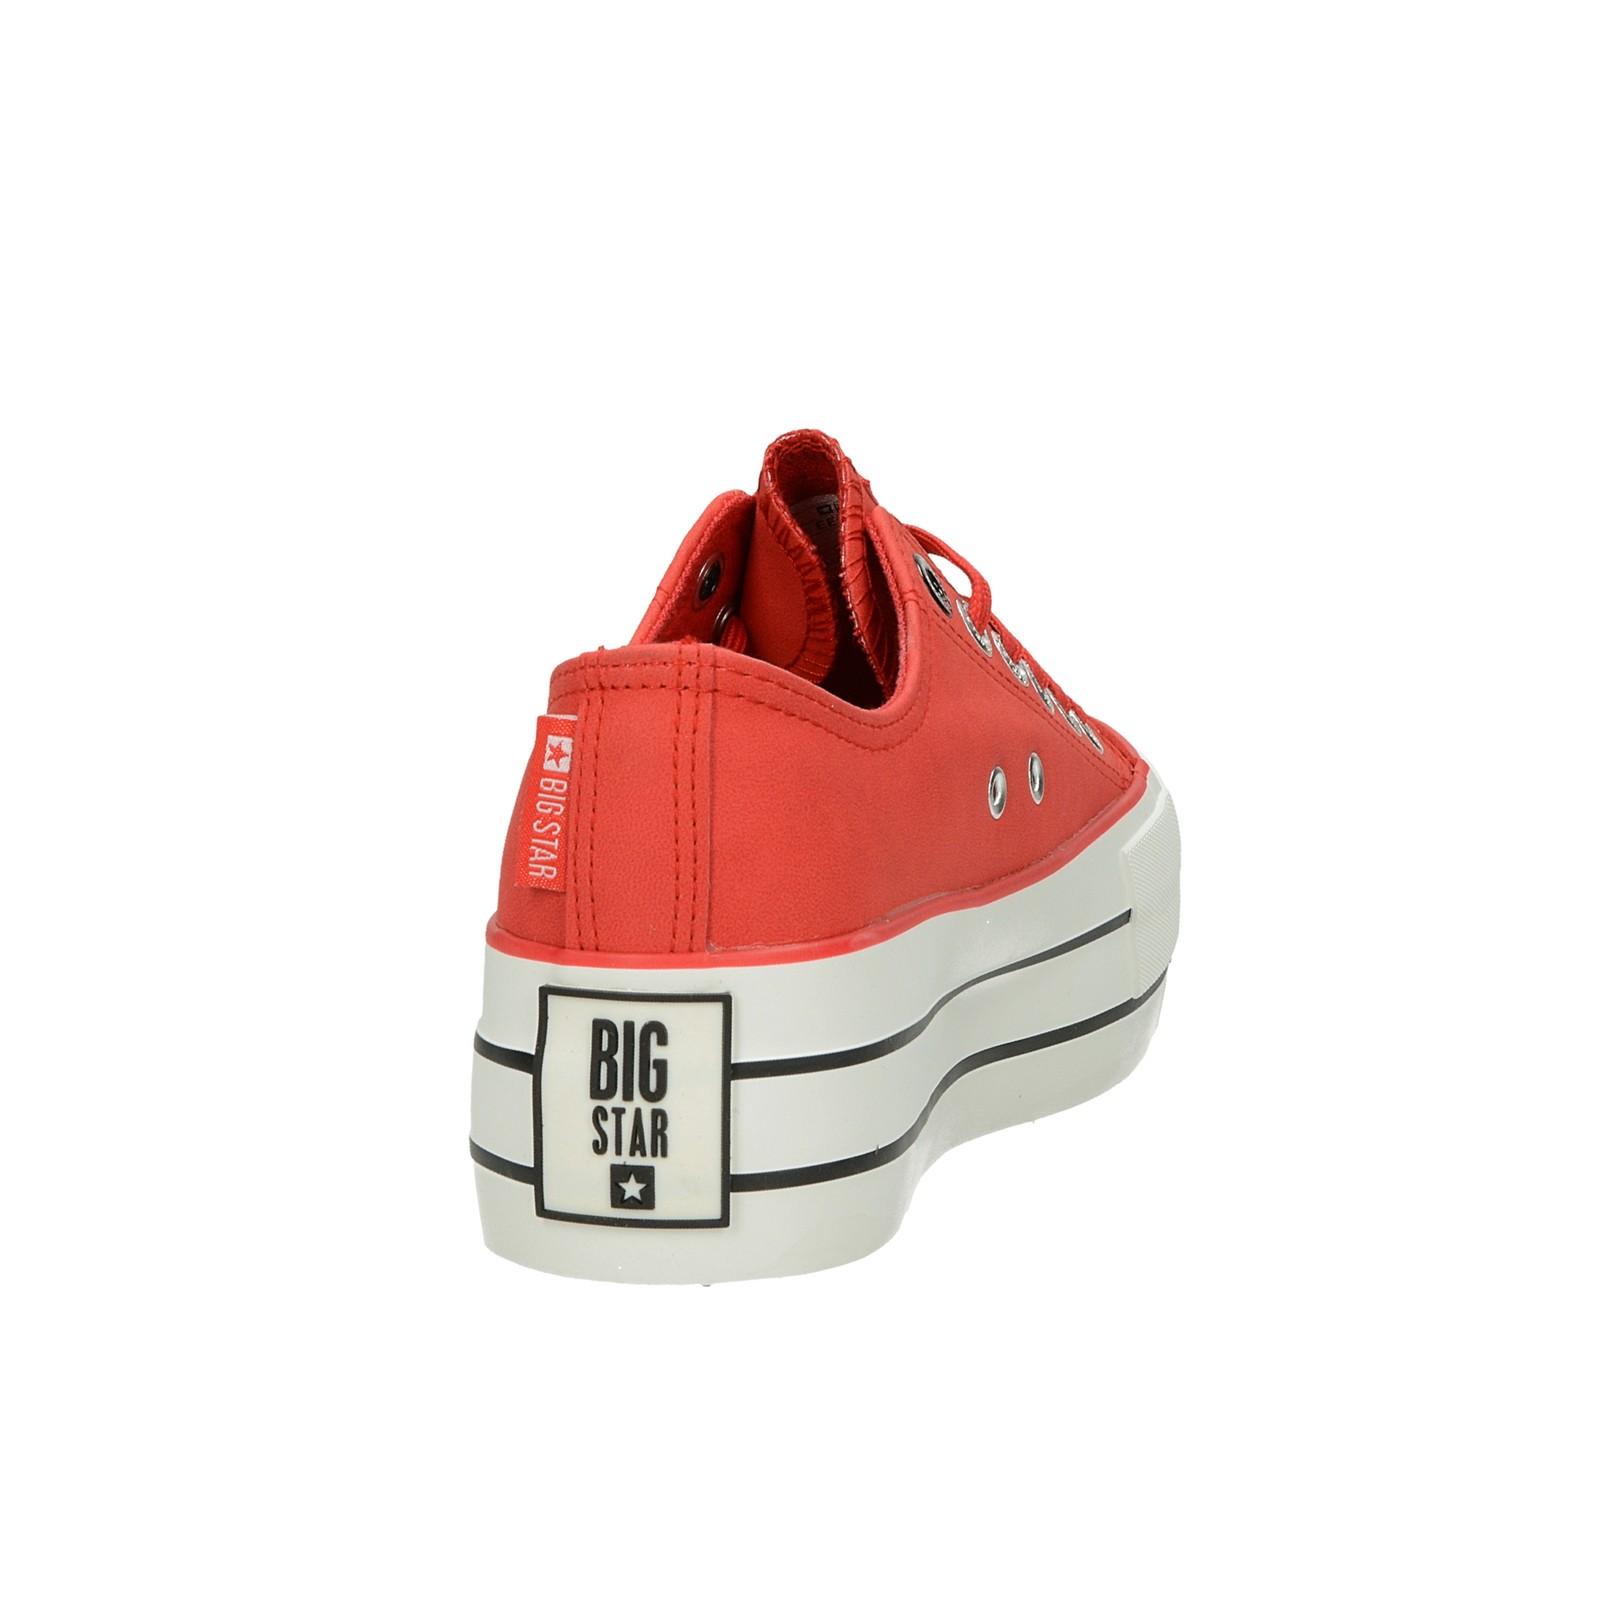 Big Star dámske štýlové tenisky na platforme - červené